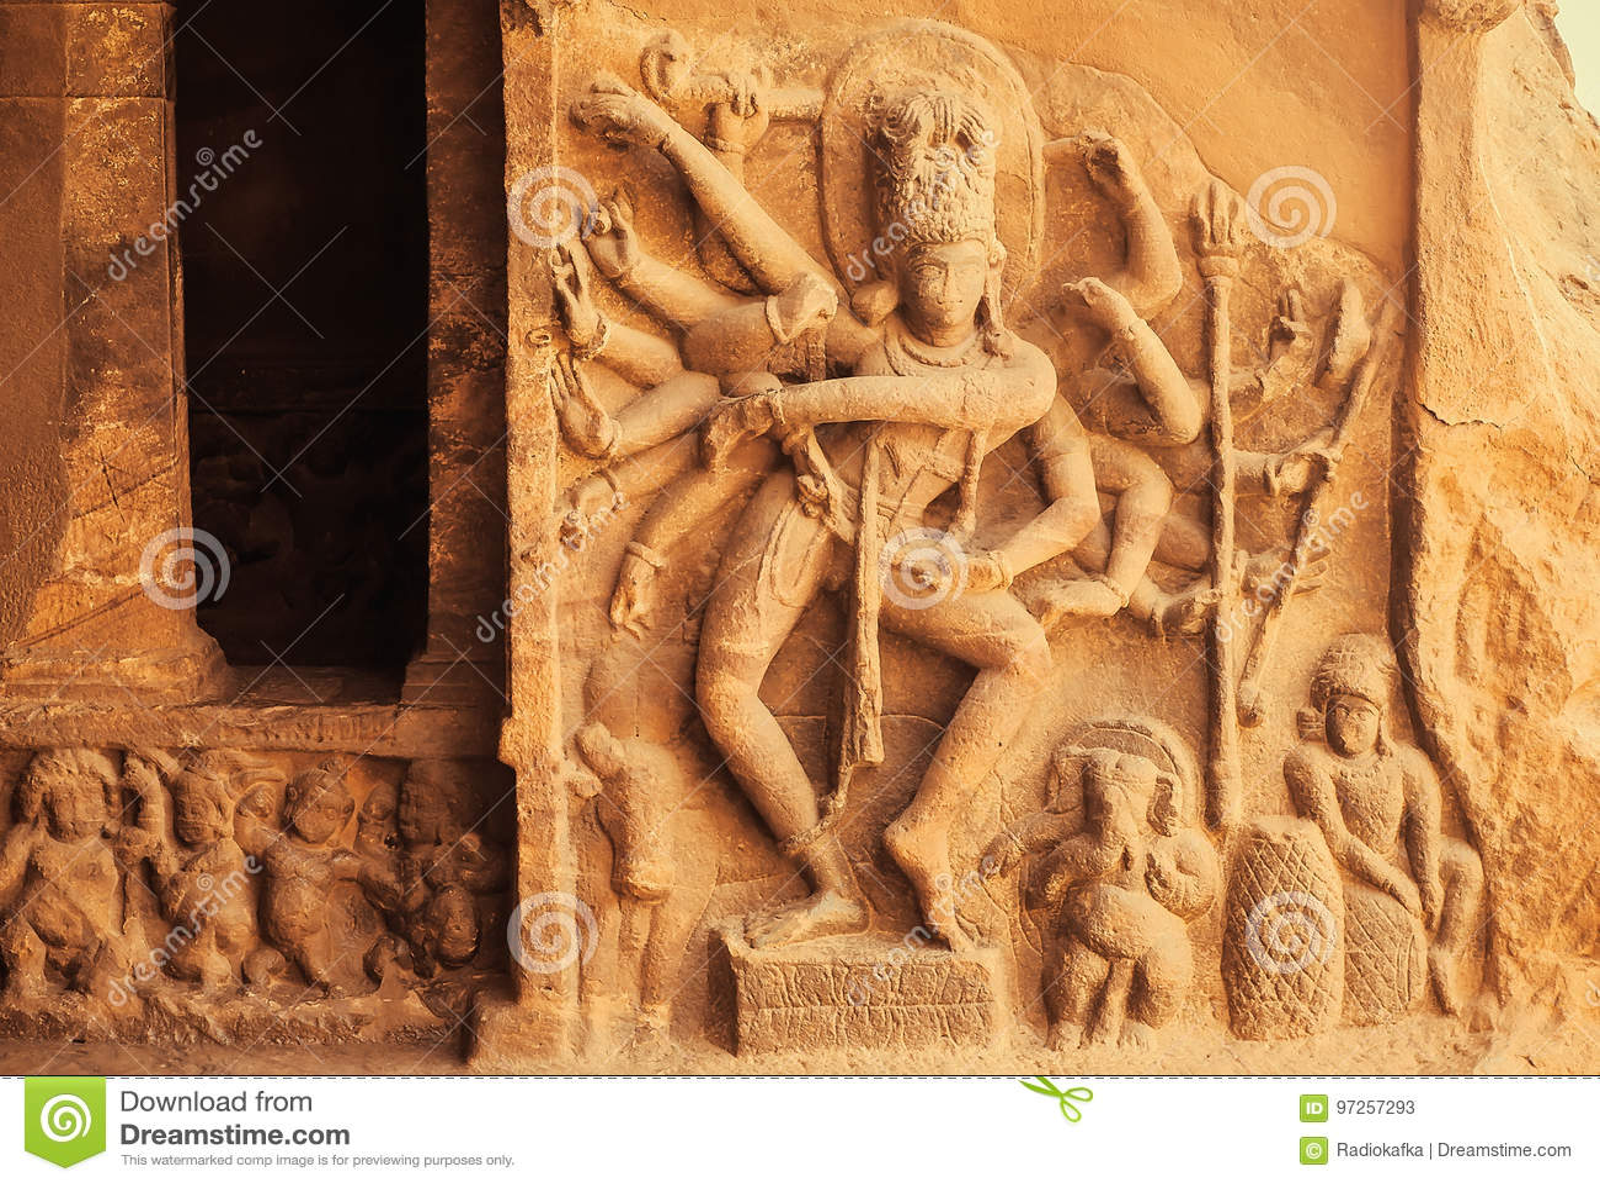 Danza de Shiva Lord con muchas manos Entrada al templo hindú con alivios del siglo VI Configuración india antigua